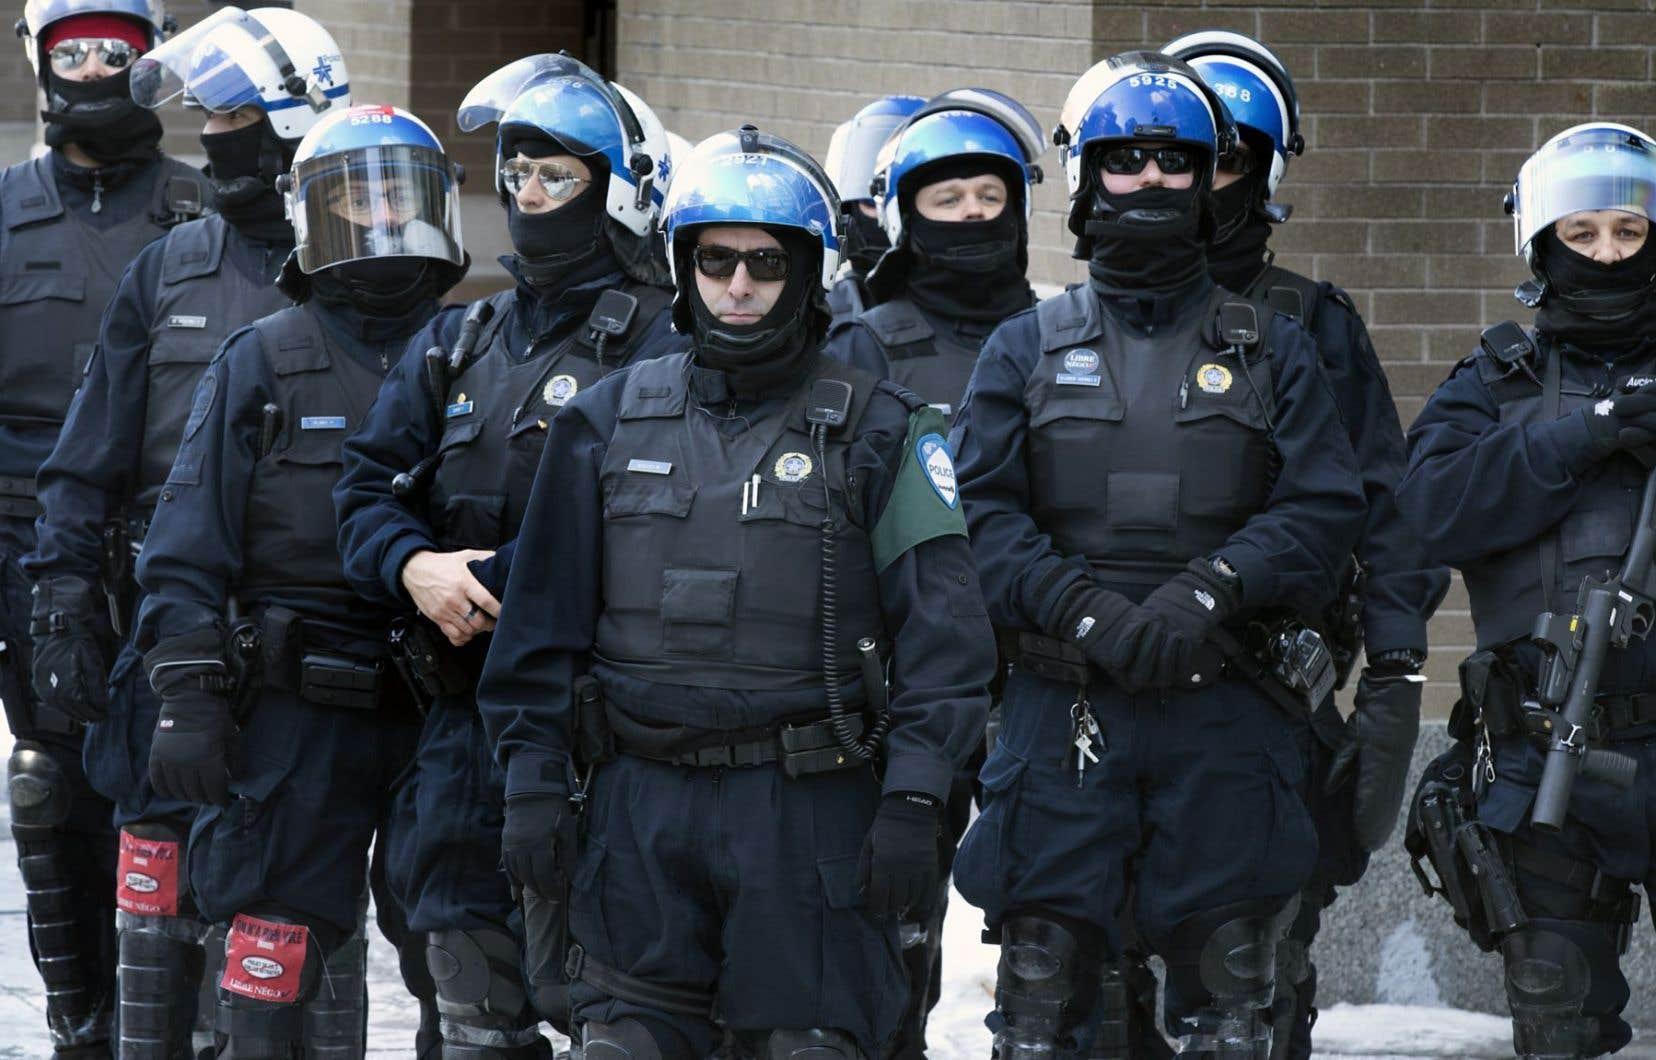 À propos de la présence d'agents infiltrés, le porte-parole du SPVM répond que «cela fait partie de [ses] stratégies».